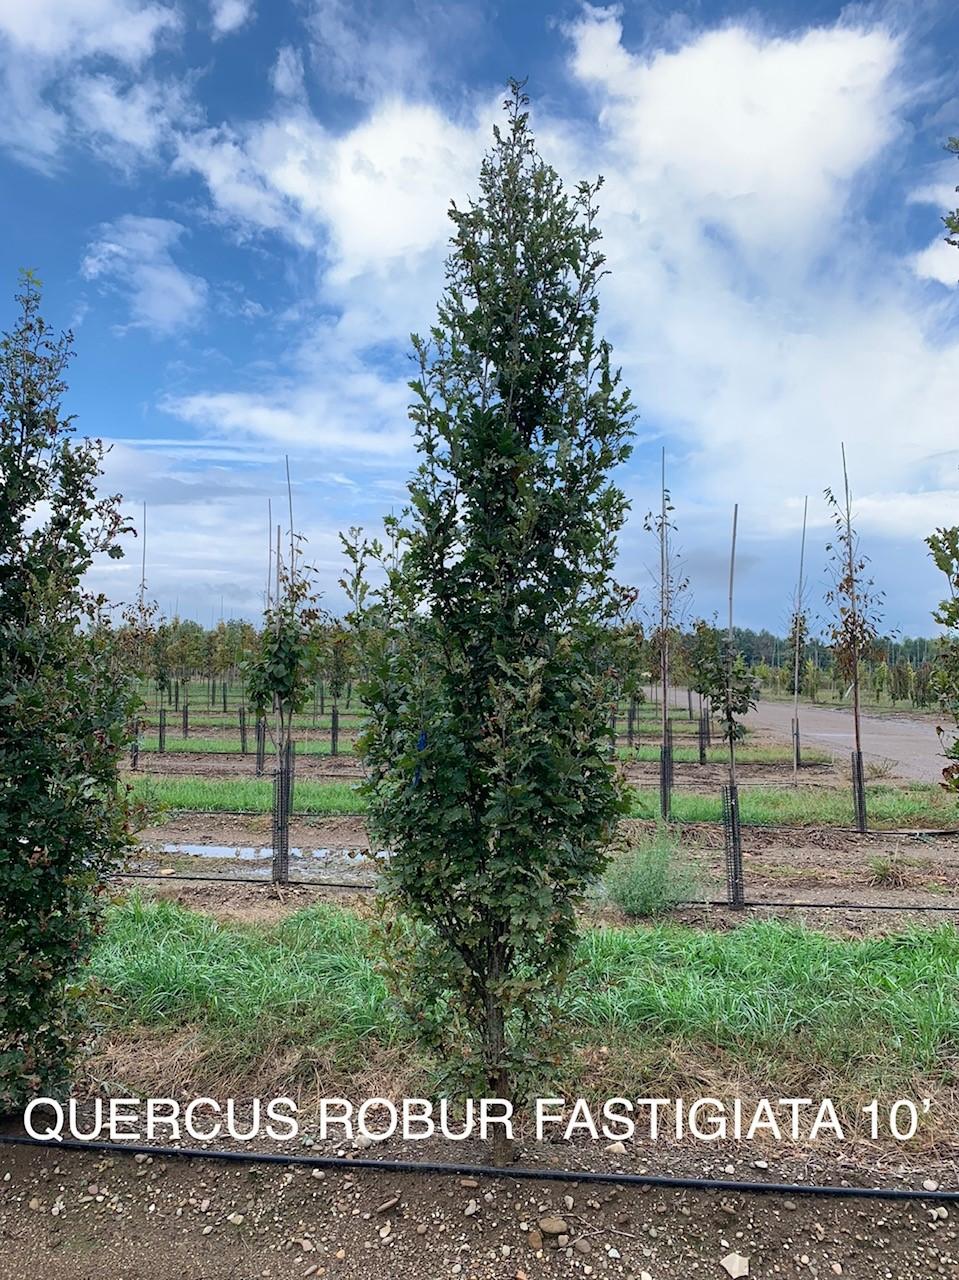 quercus robur fastigiata.jpg